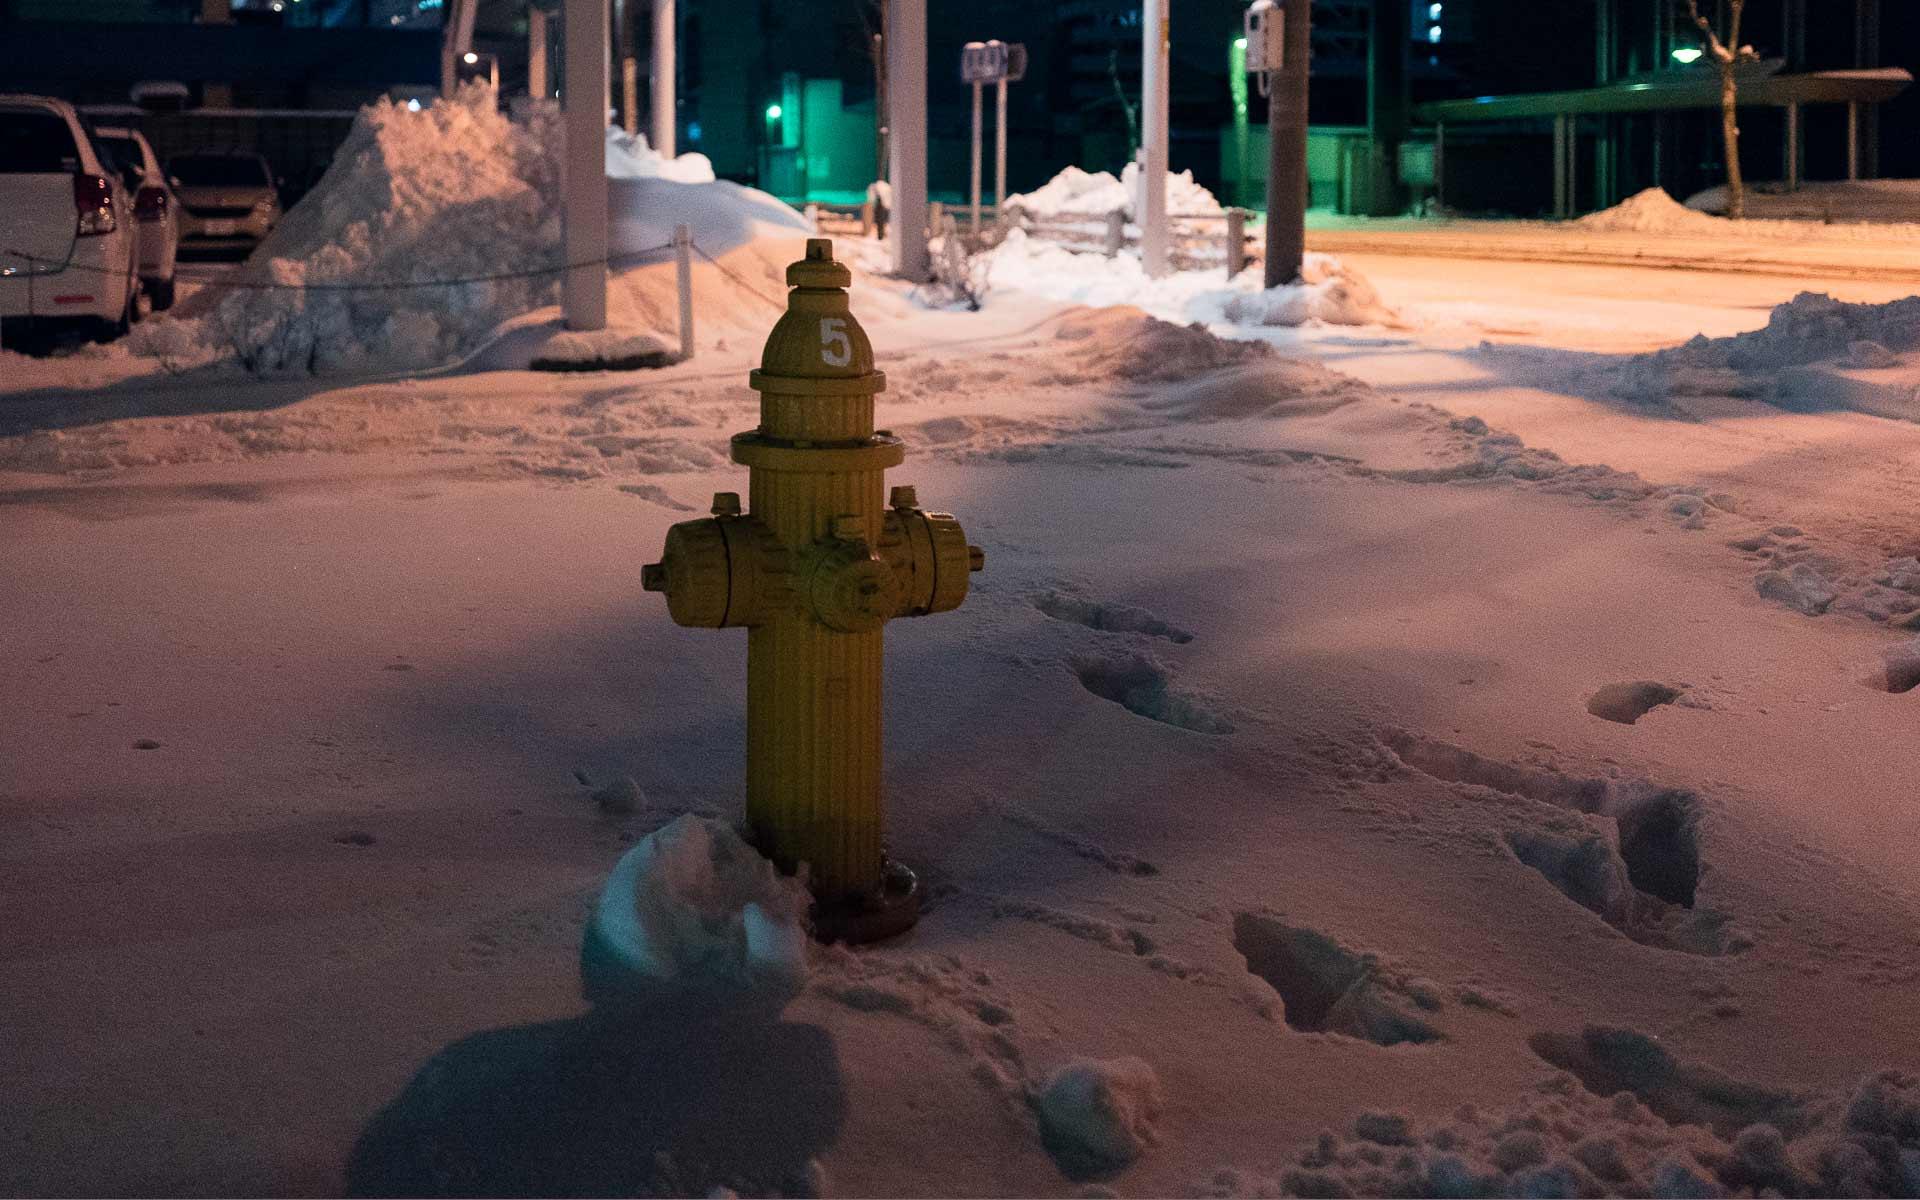 函館独自の色と形の消火栓。外国の消火栓を参考に函館市が設計し、1937年(昭和12年)から使用されている